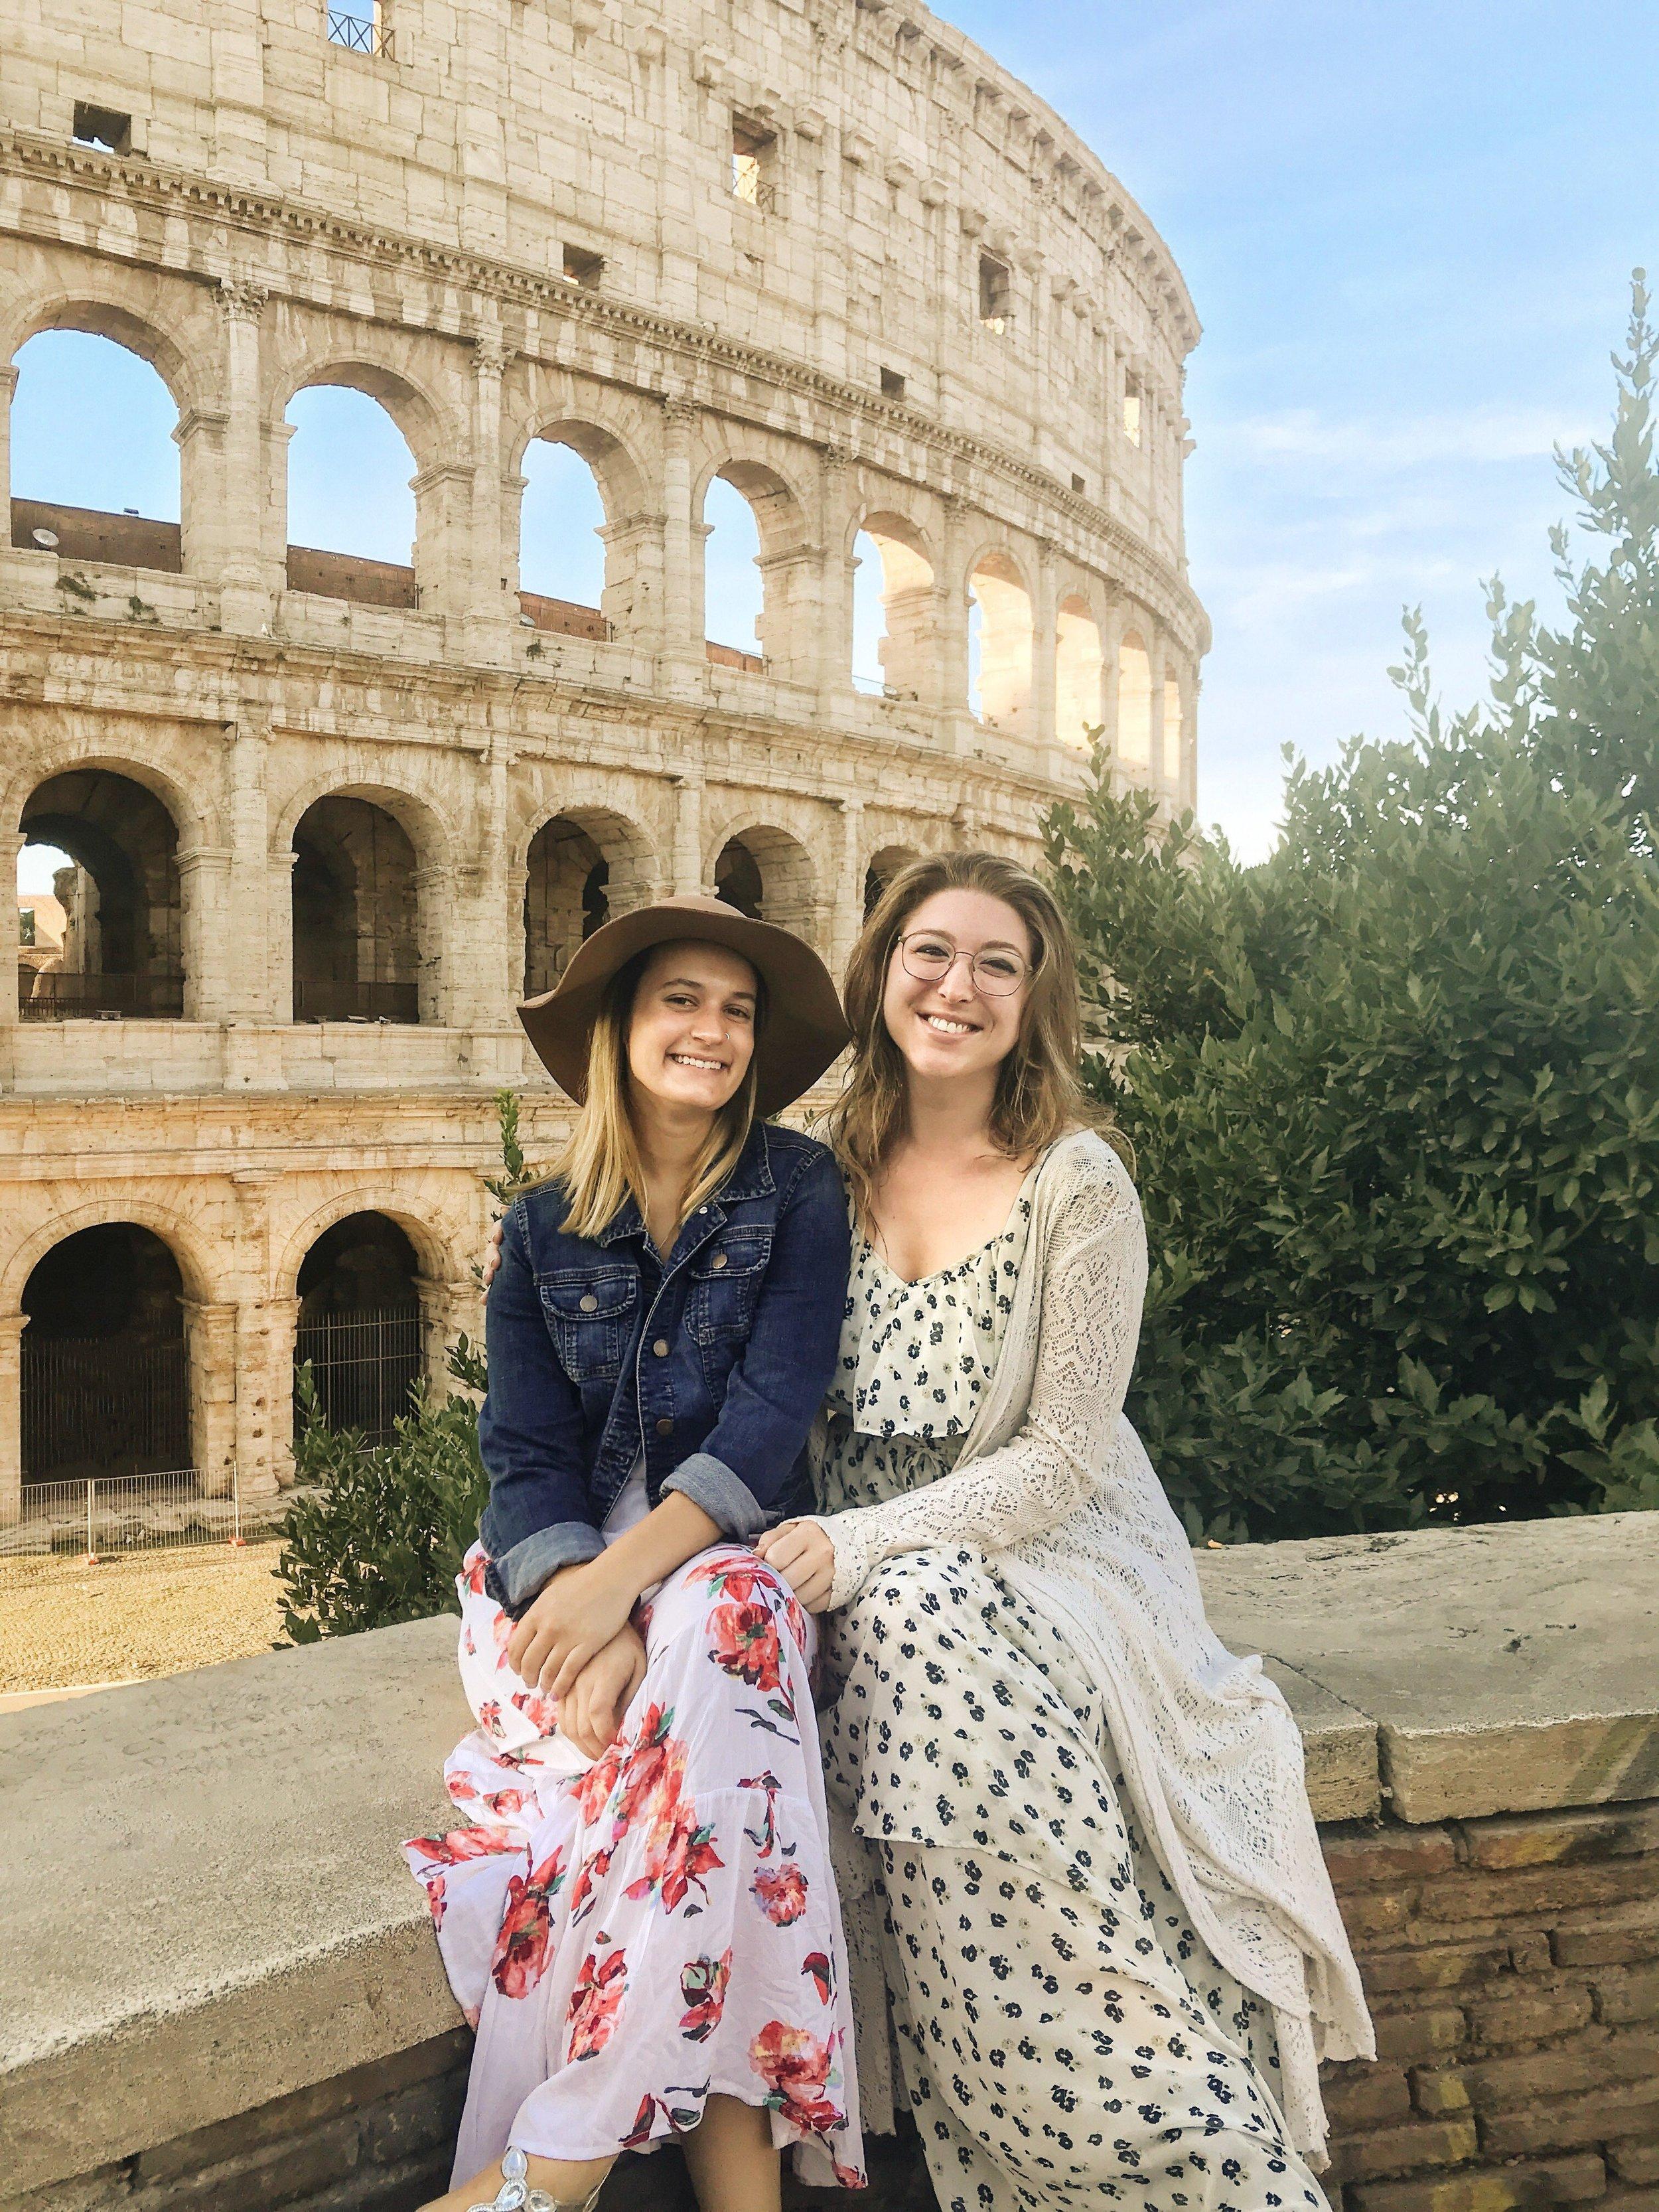 Italy-Positano-Rome-Amalfi-Coast-Lena-Mirisola-9.JPG